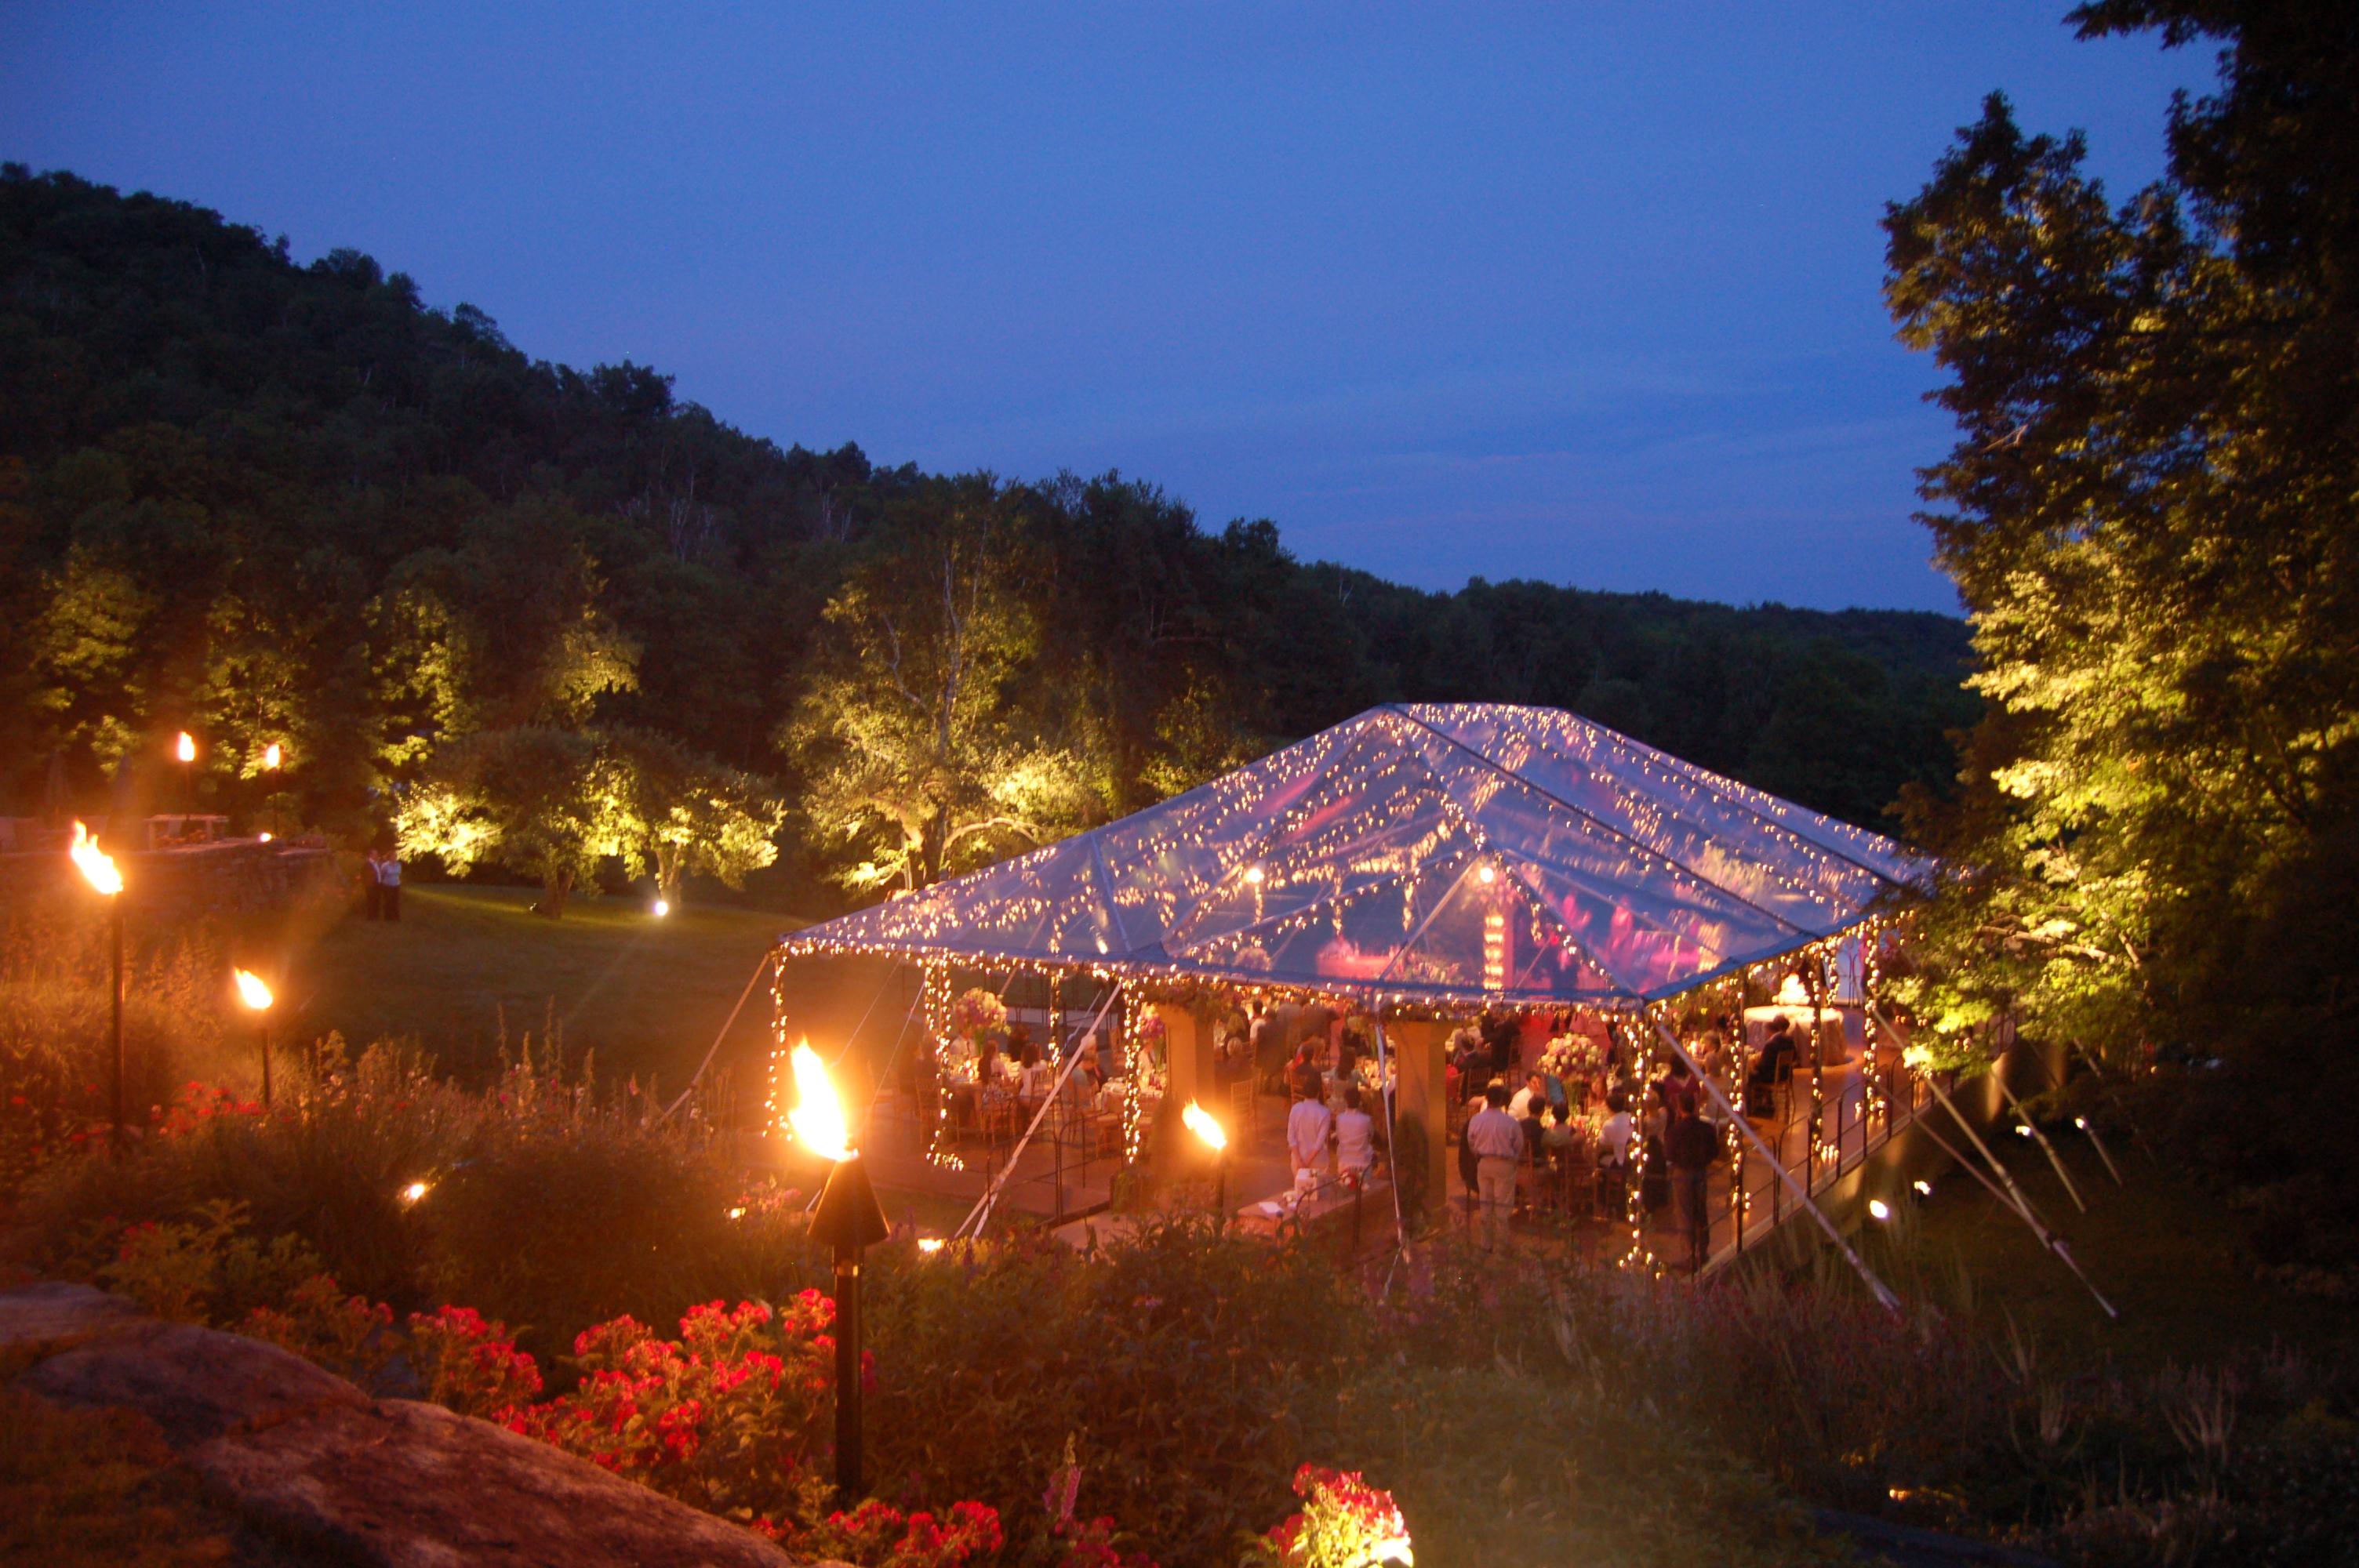 & Tent Parties